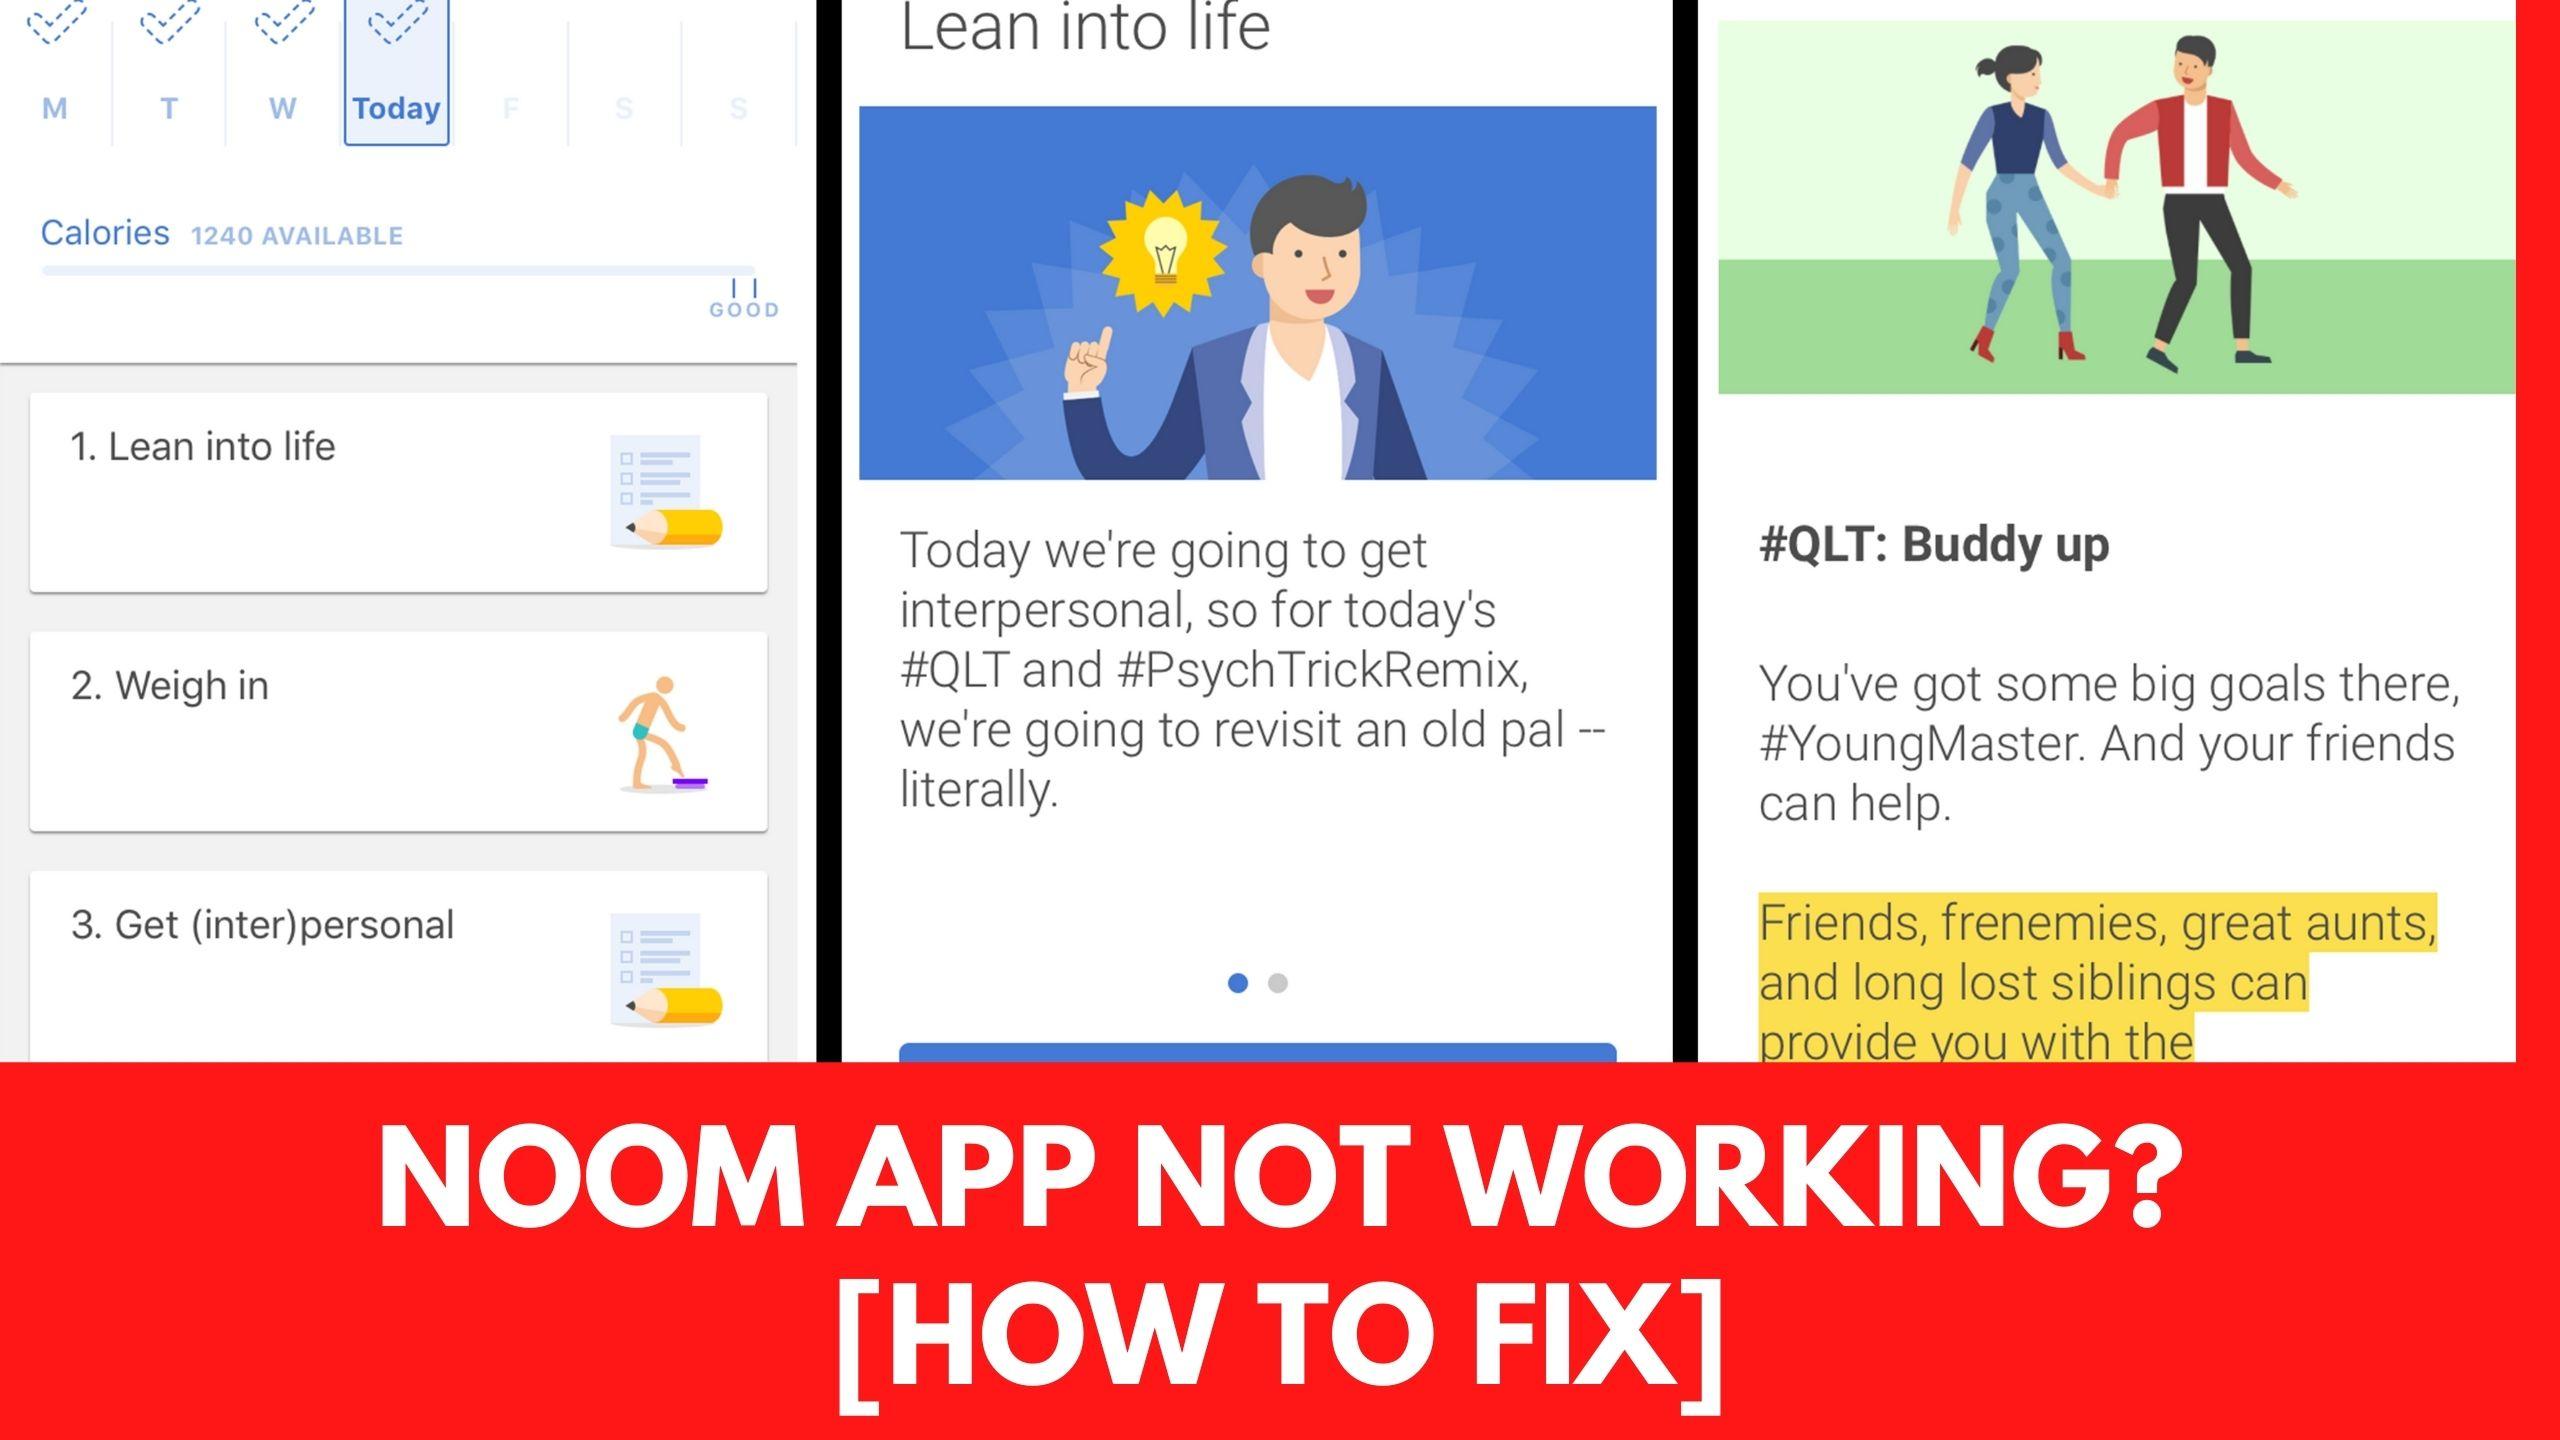 noom app not working fix